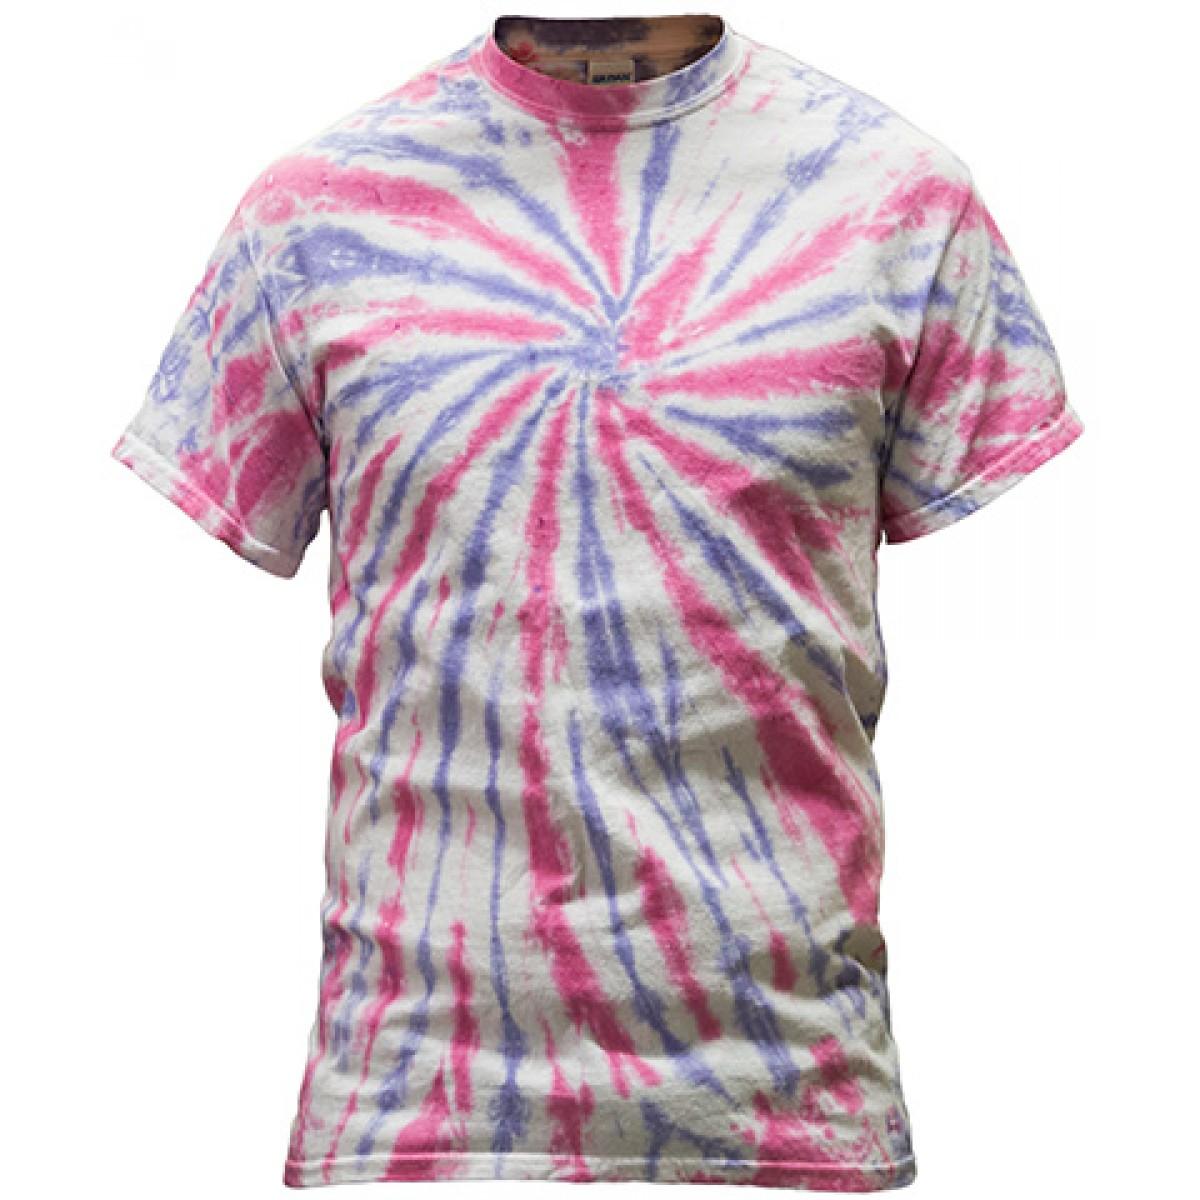 Multi-Color Tie-Dye Tee -Pink/Purple-M